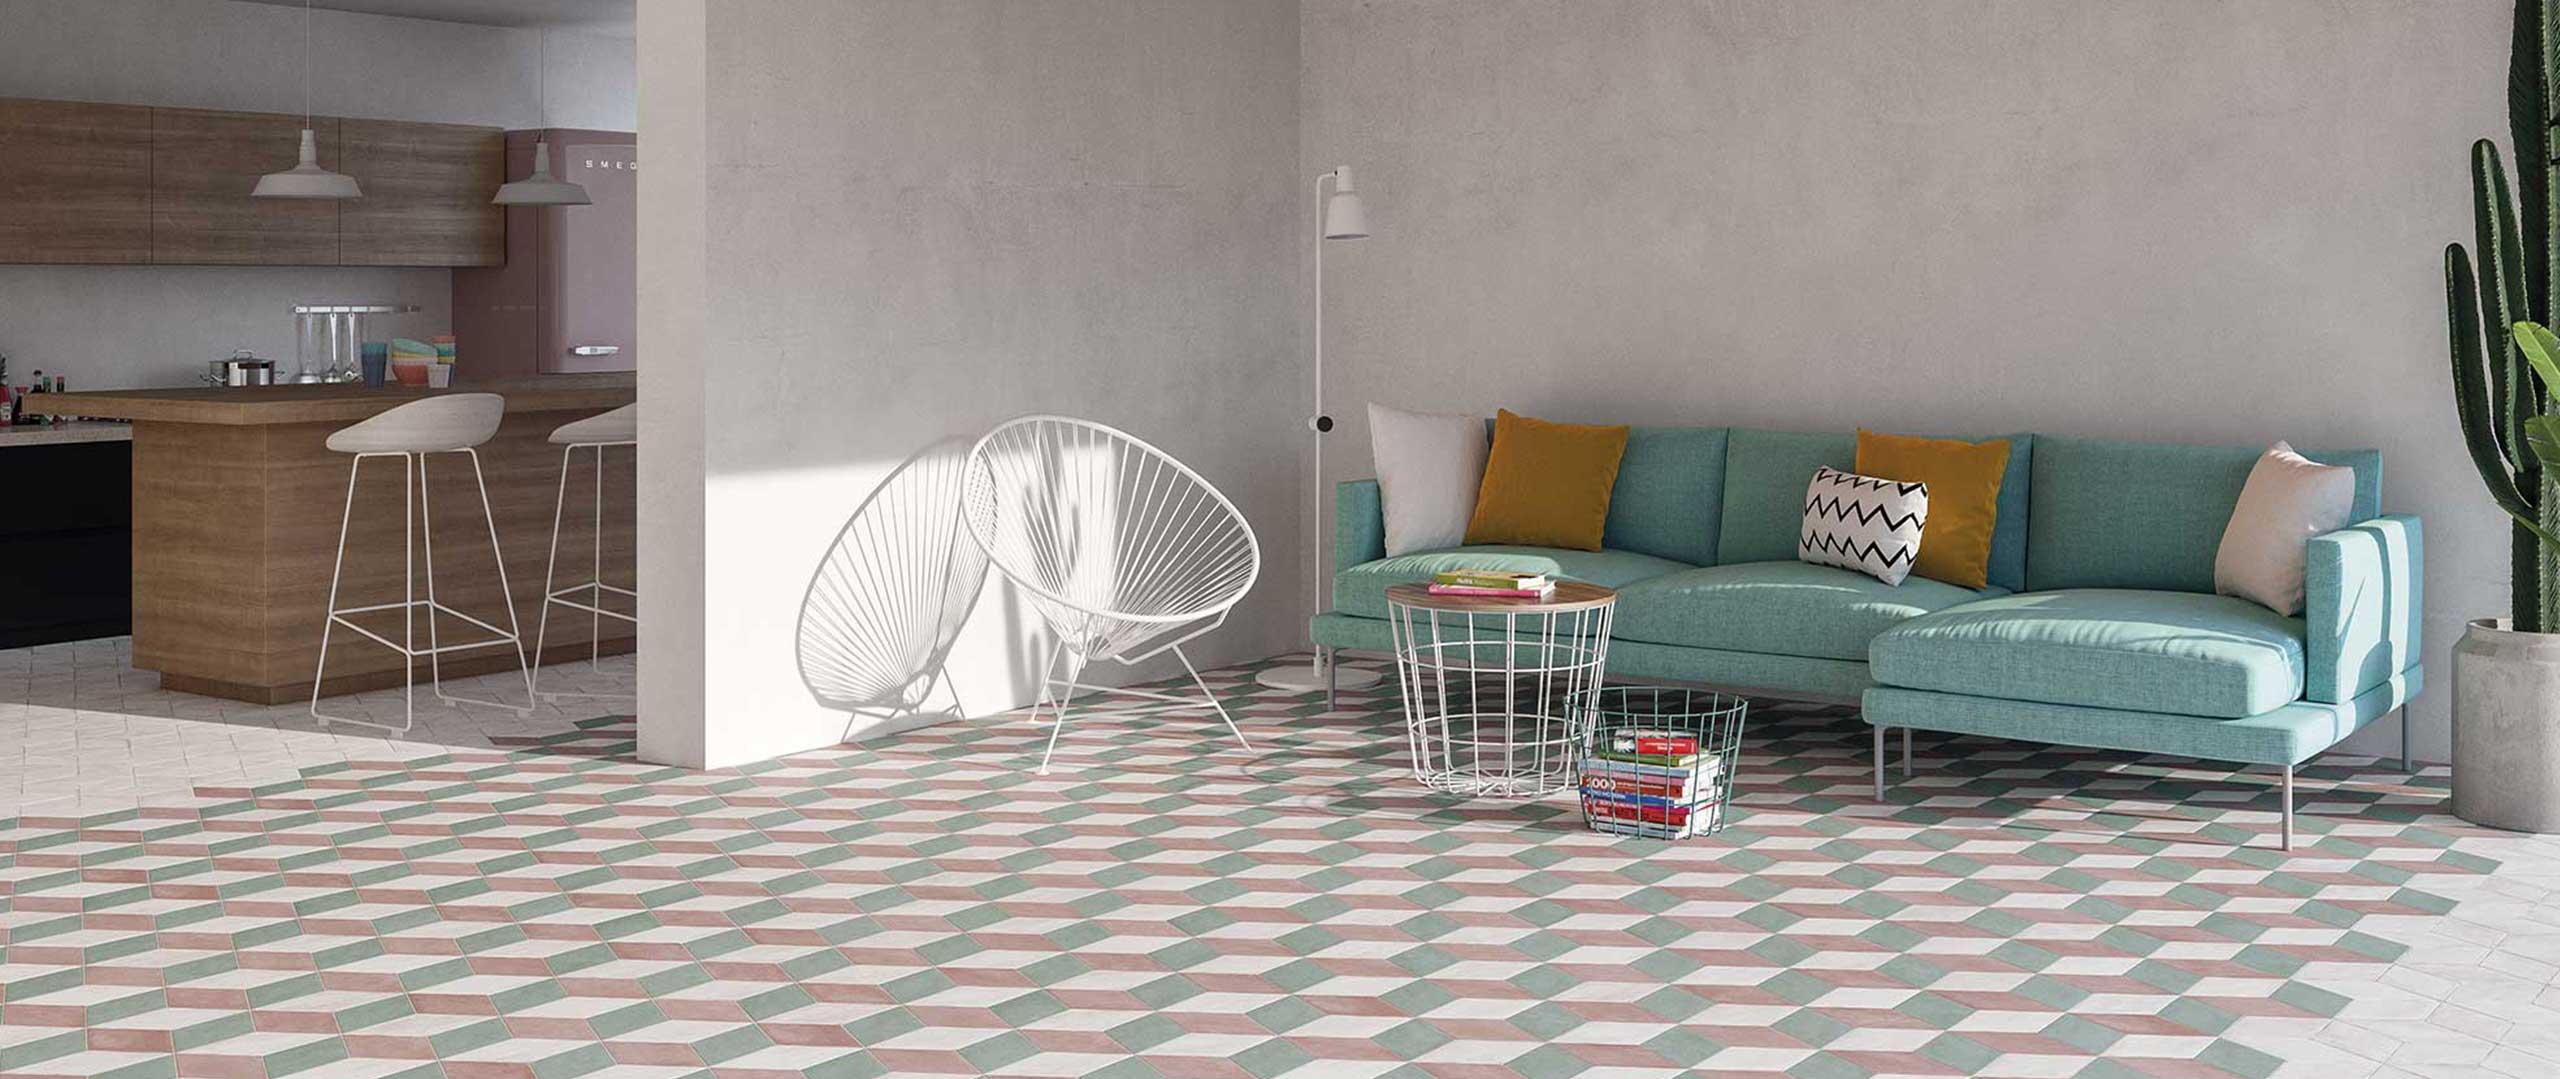 Płytki Wow Design kolekcja Mud dostępna w Internity Home i Pordesigne